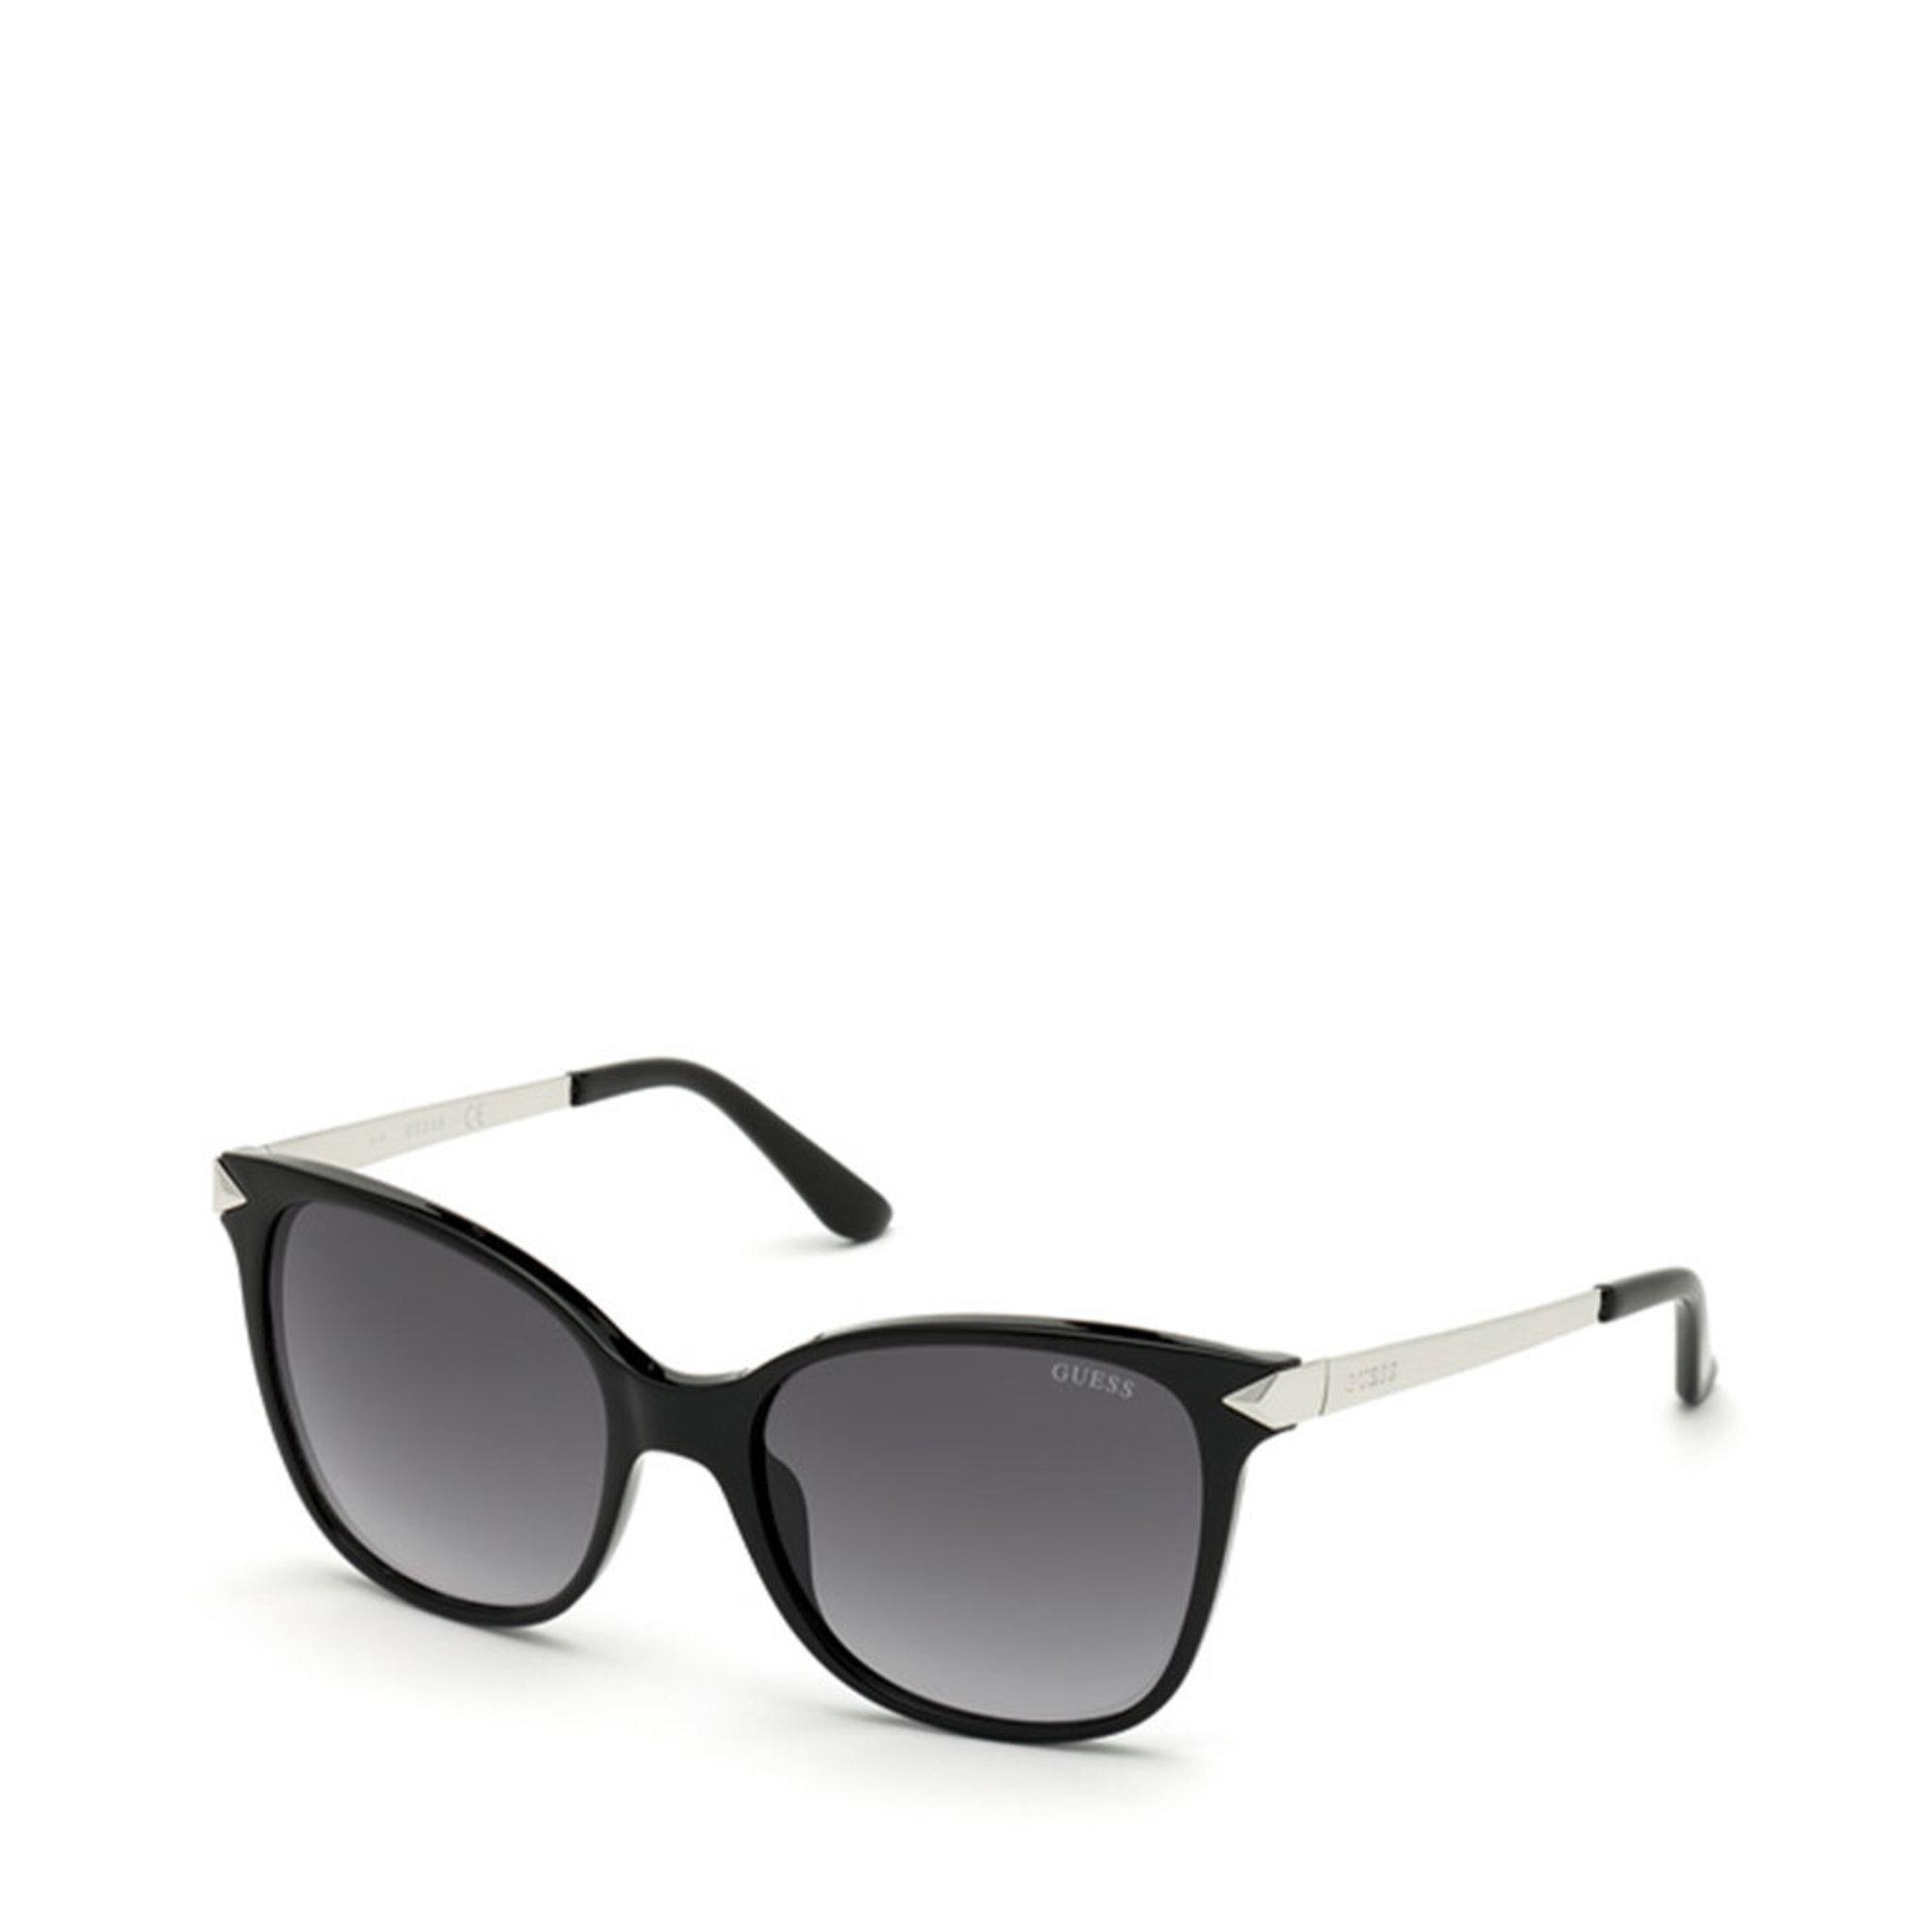 Sunglasses GU7657